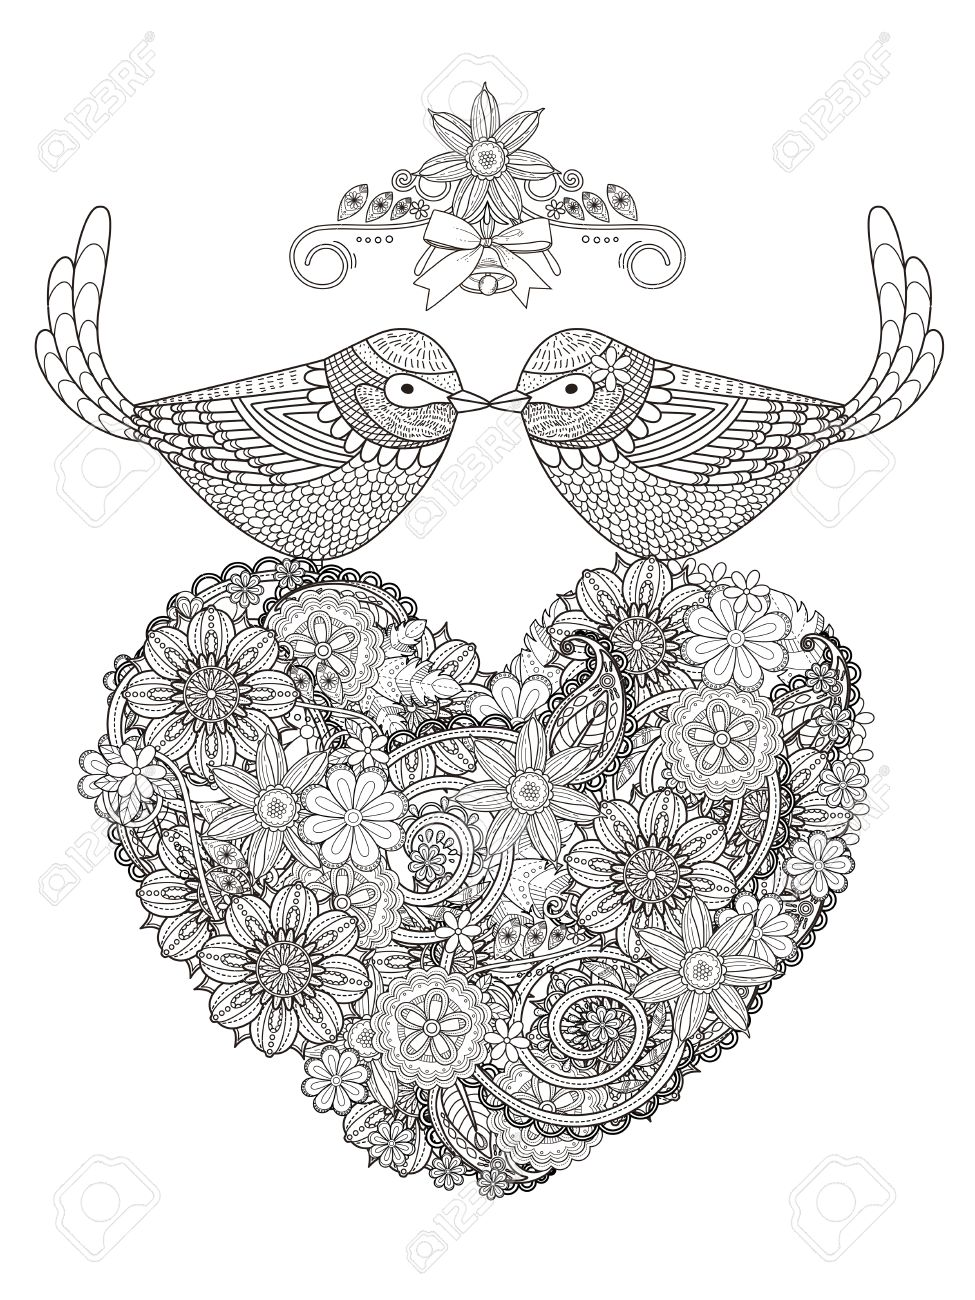 Romantische Vögel Paar Mit Herz Geformt Blume - Erwachsene ...